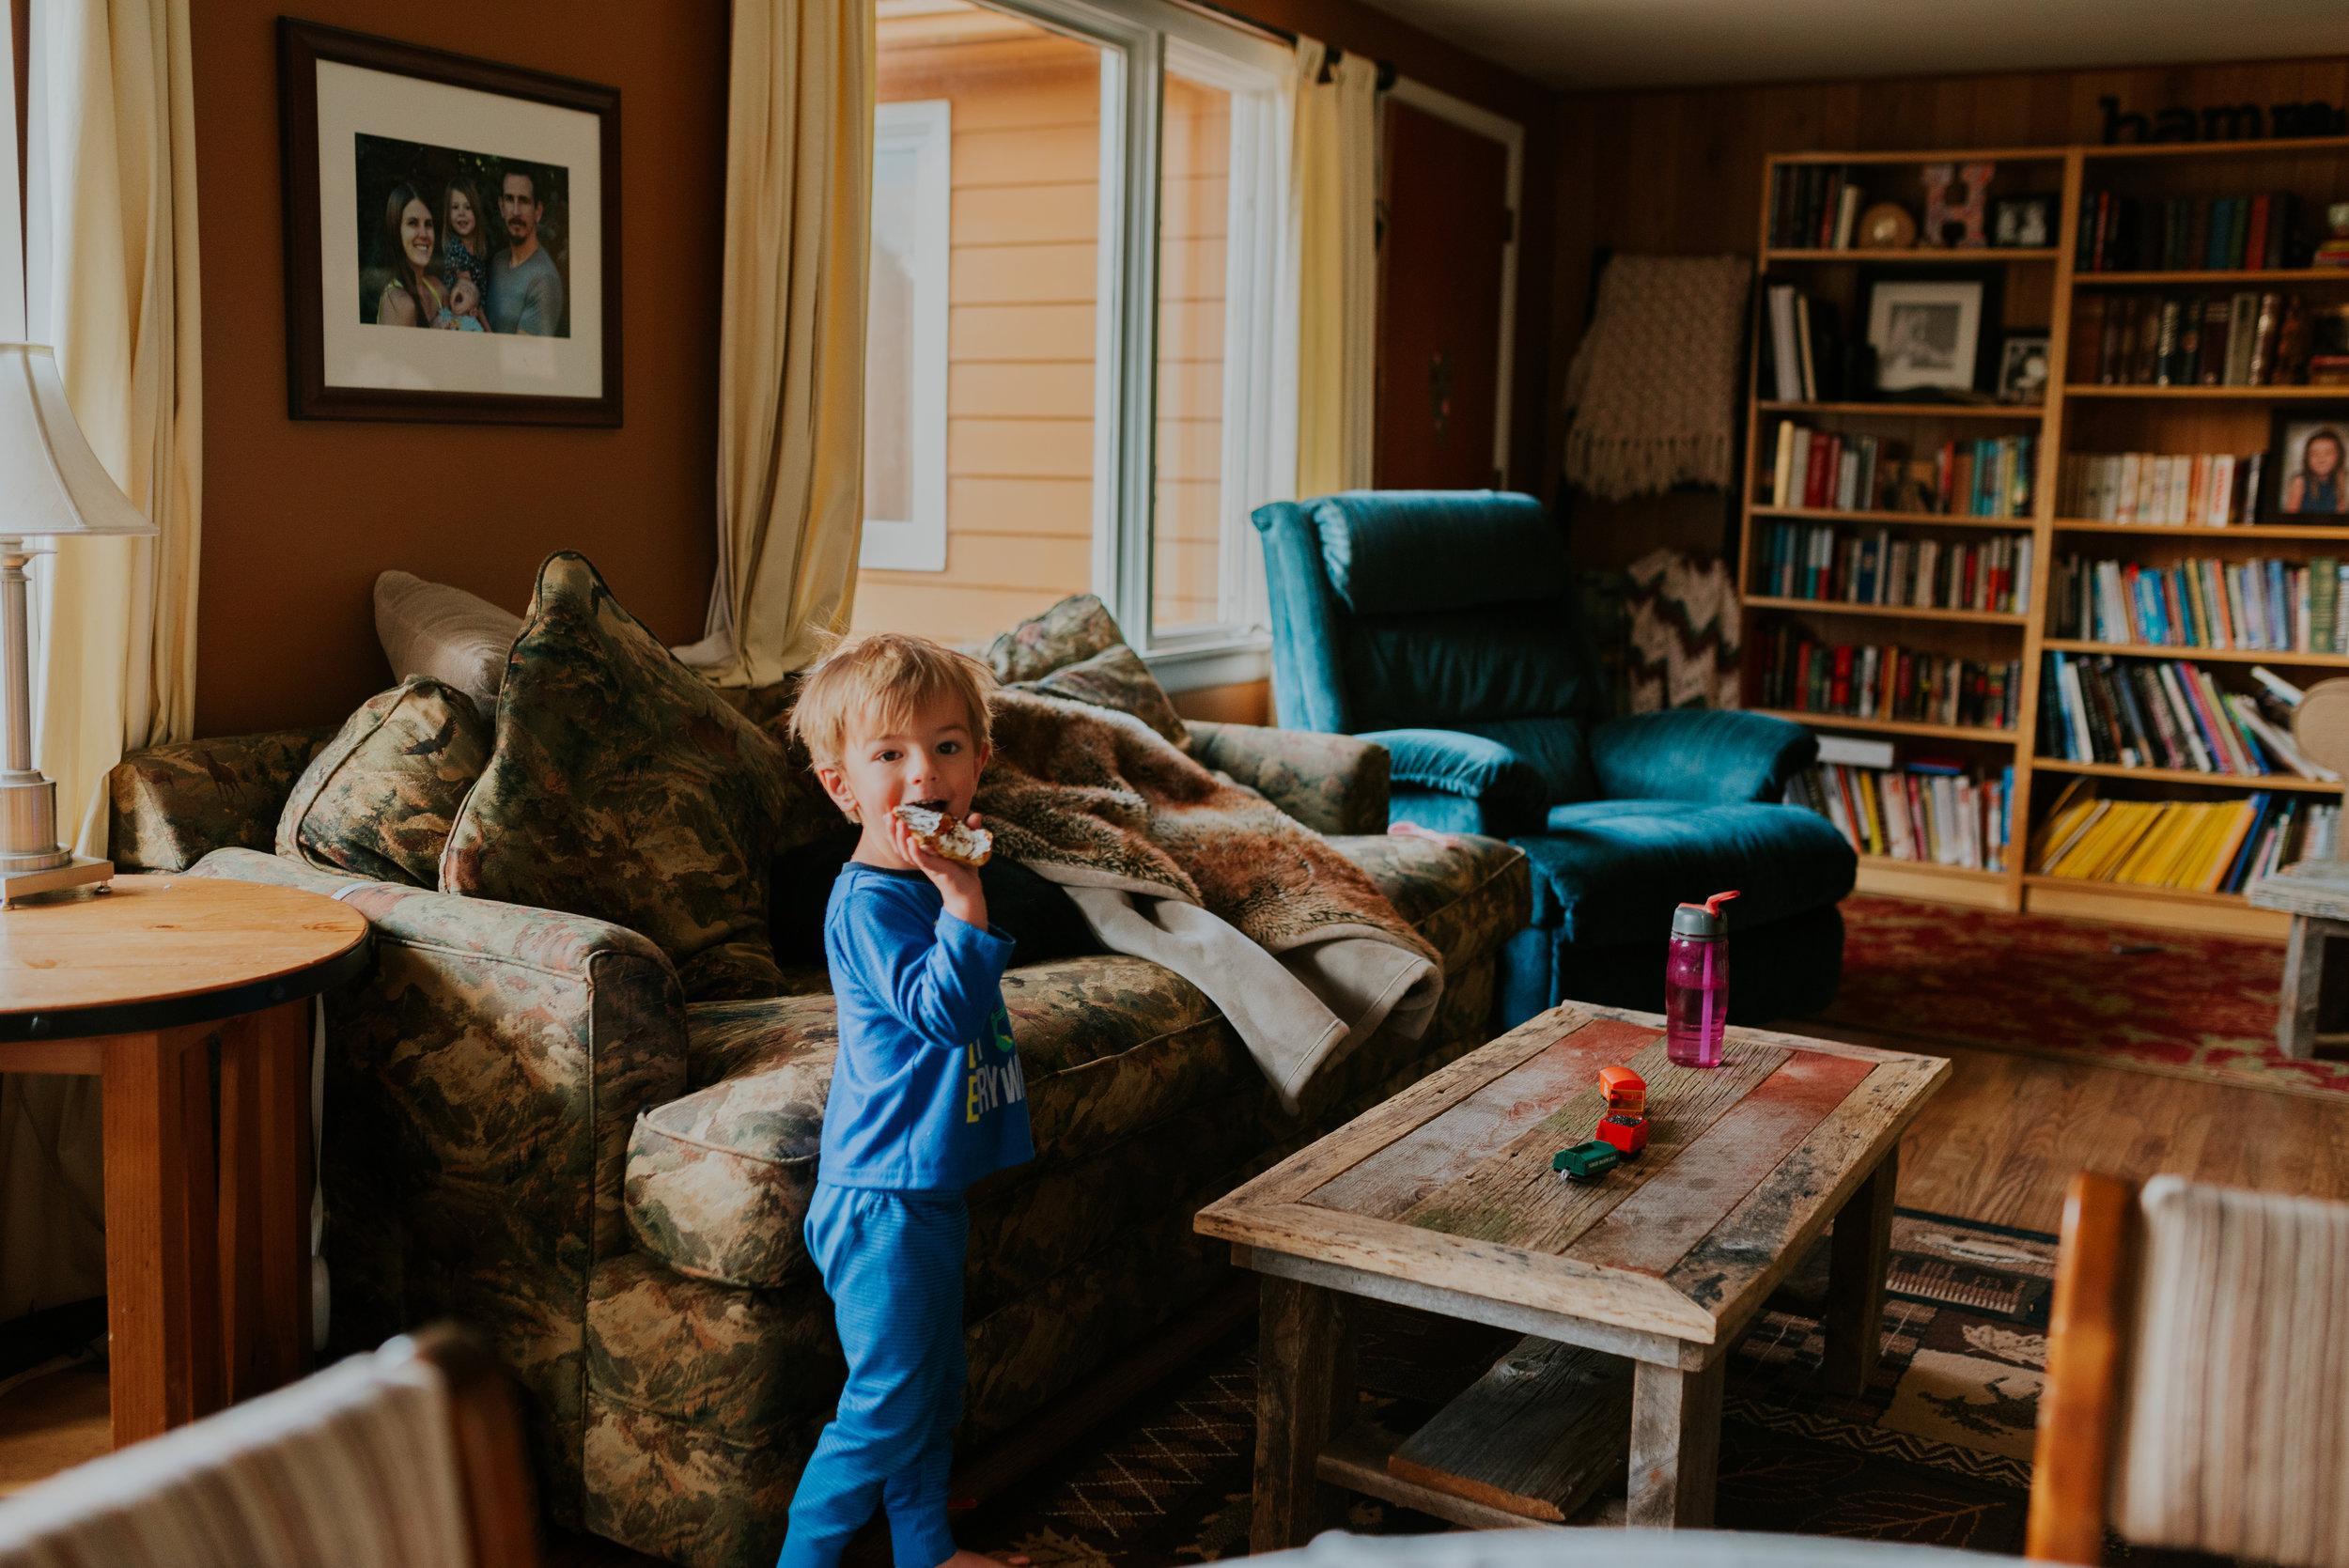 Rachel_Hammer_Maternity163802.jpg